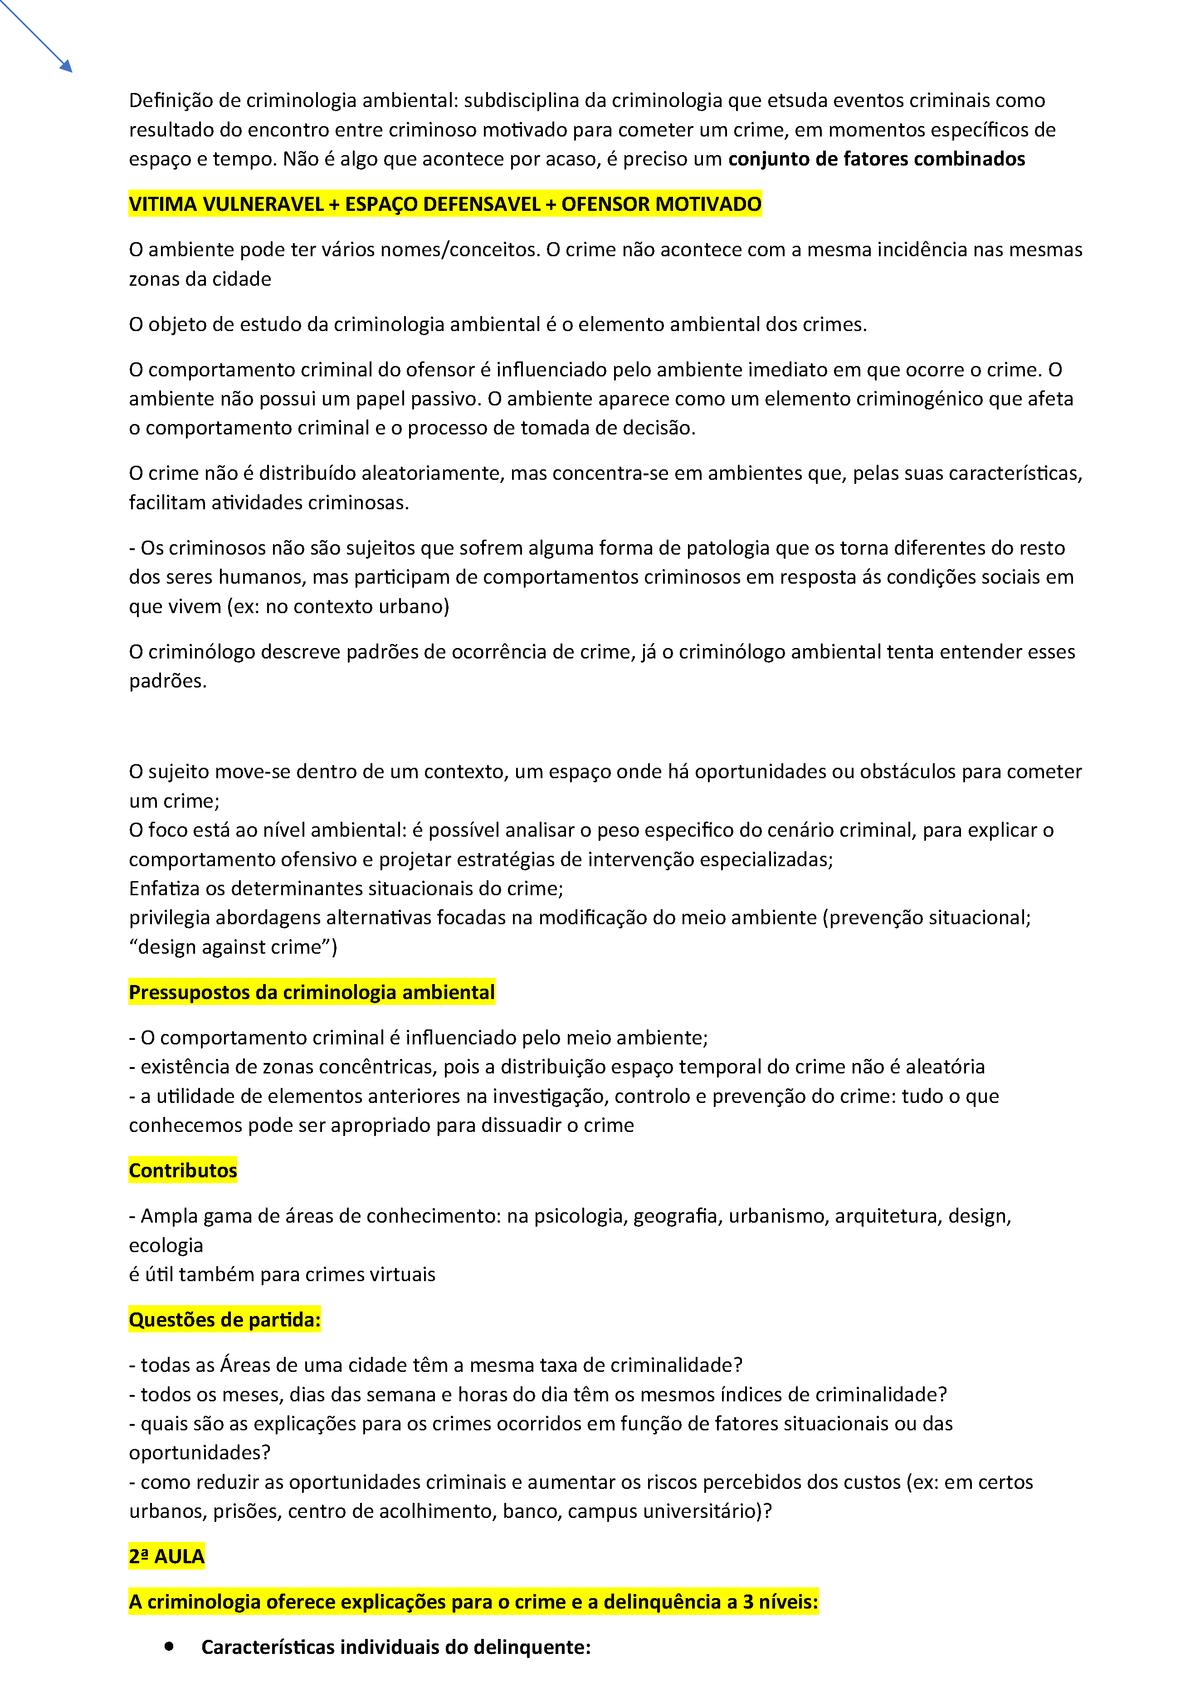 9698ec004 Definição de criminologia ambiental - Criminologia Ambiental - StuDocu